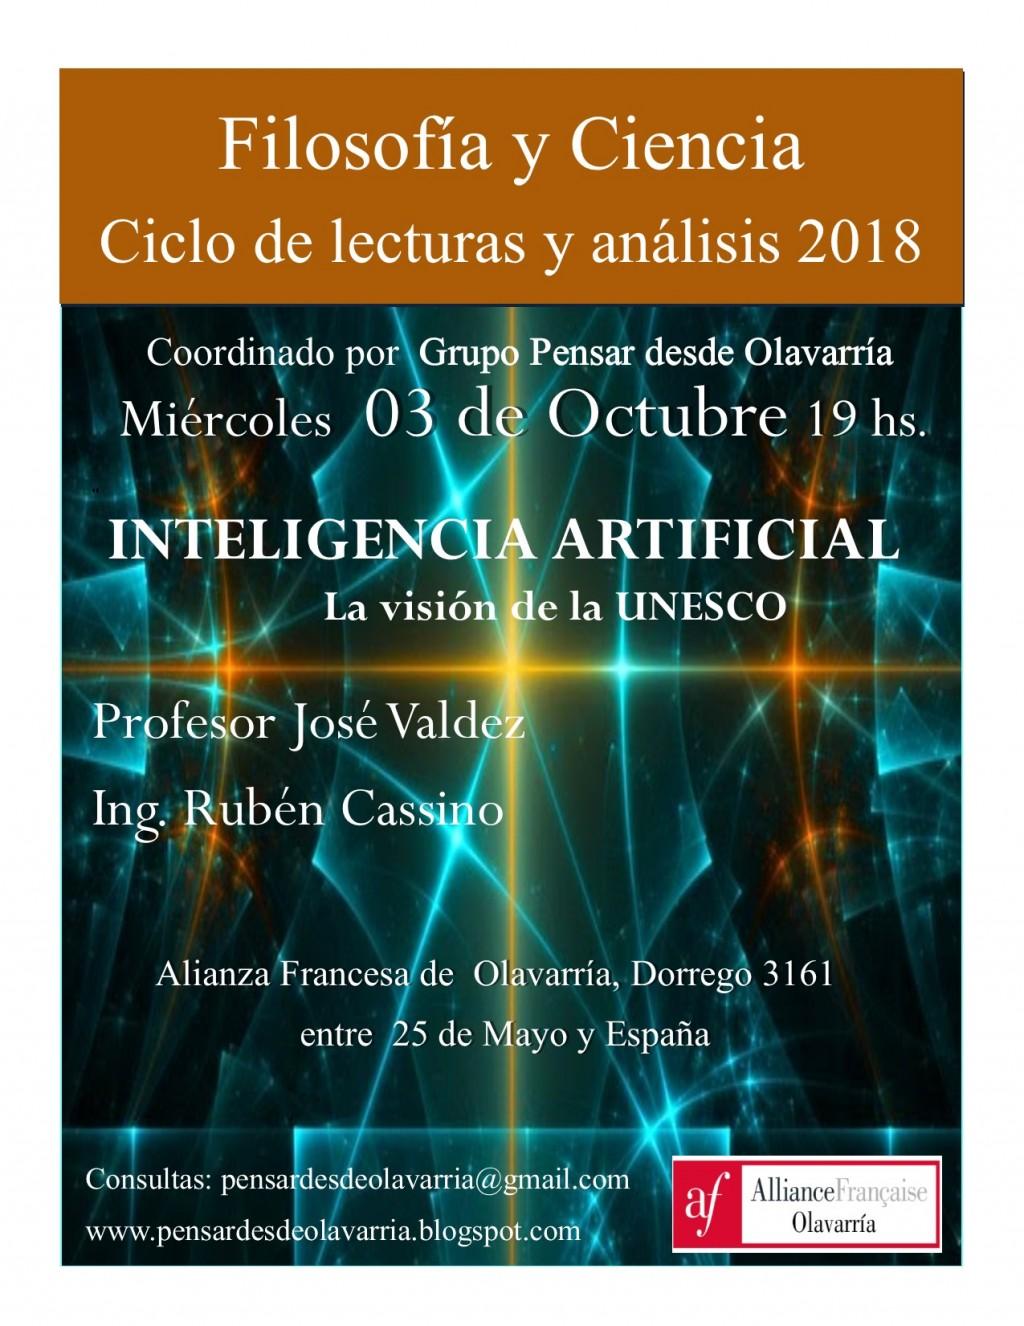 Ciclo de lecturas y análisis de Ciencia y Filosofía